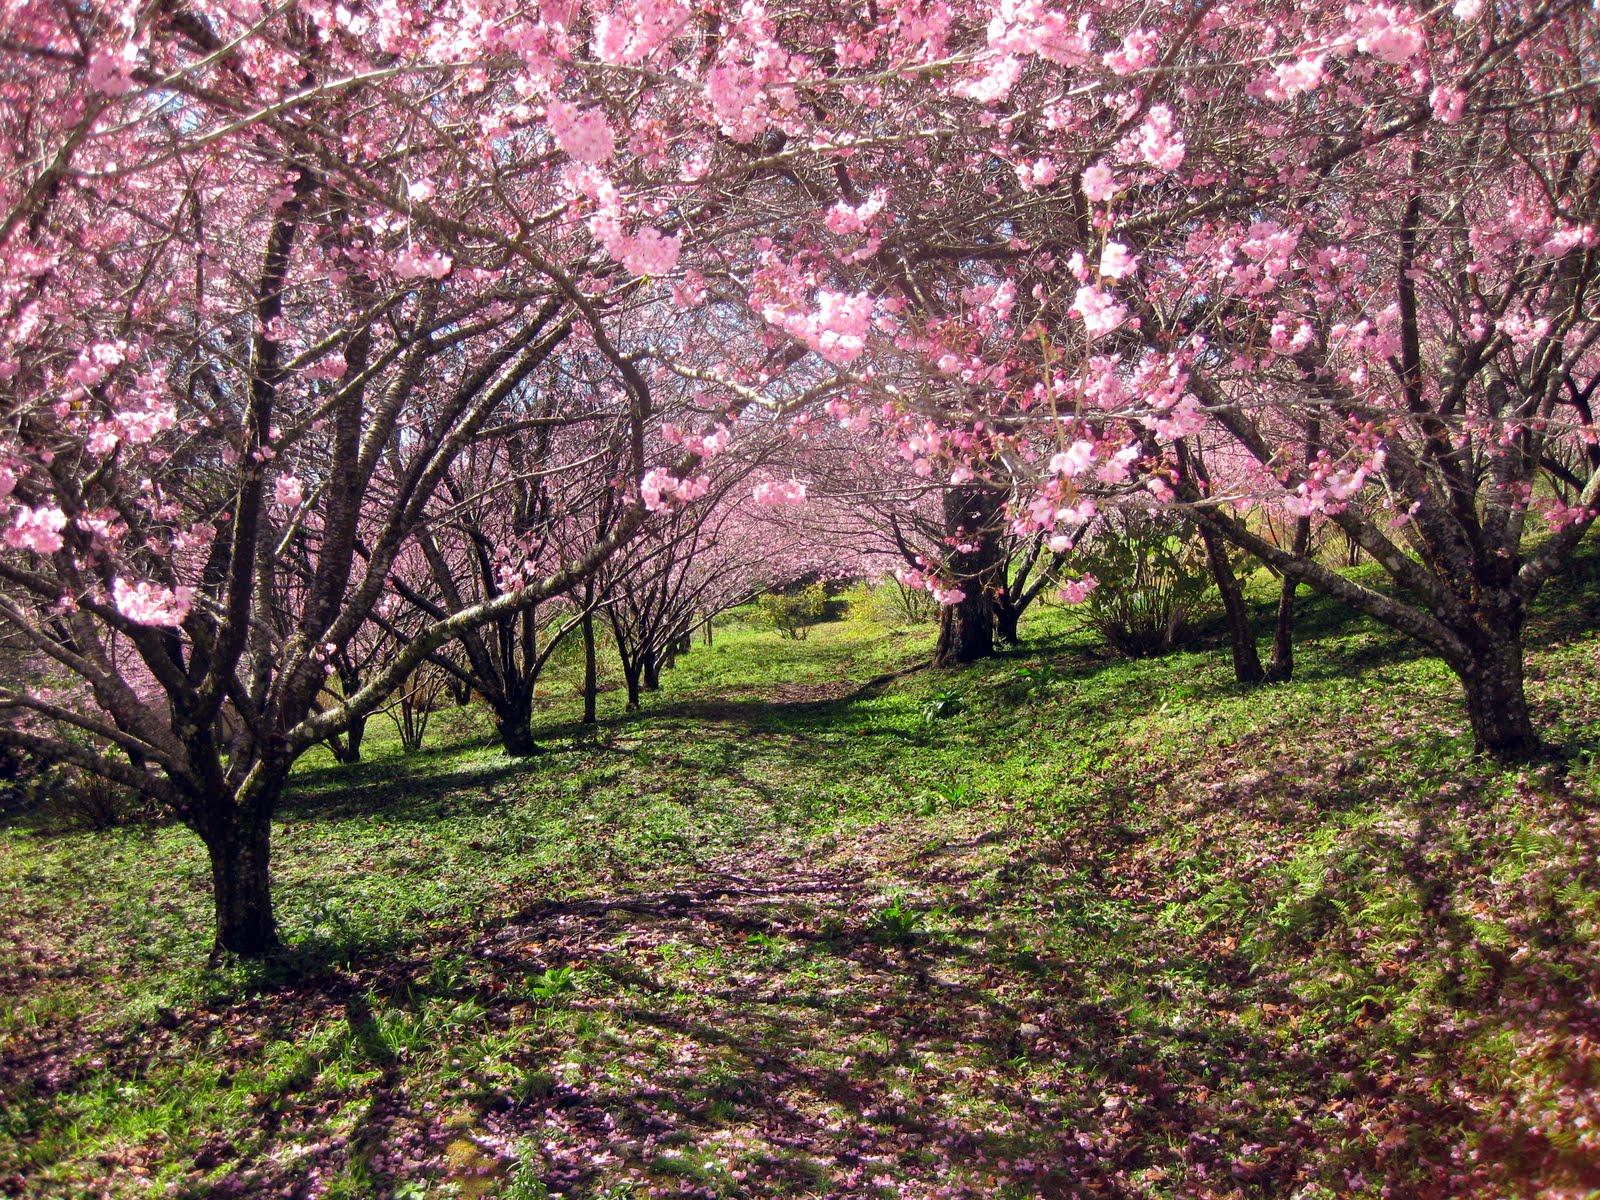 Download 91 Wallpaper Bergerak Bunga Sakura Foto HD Gratid